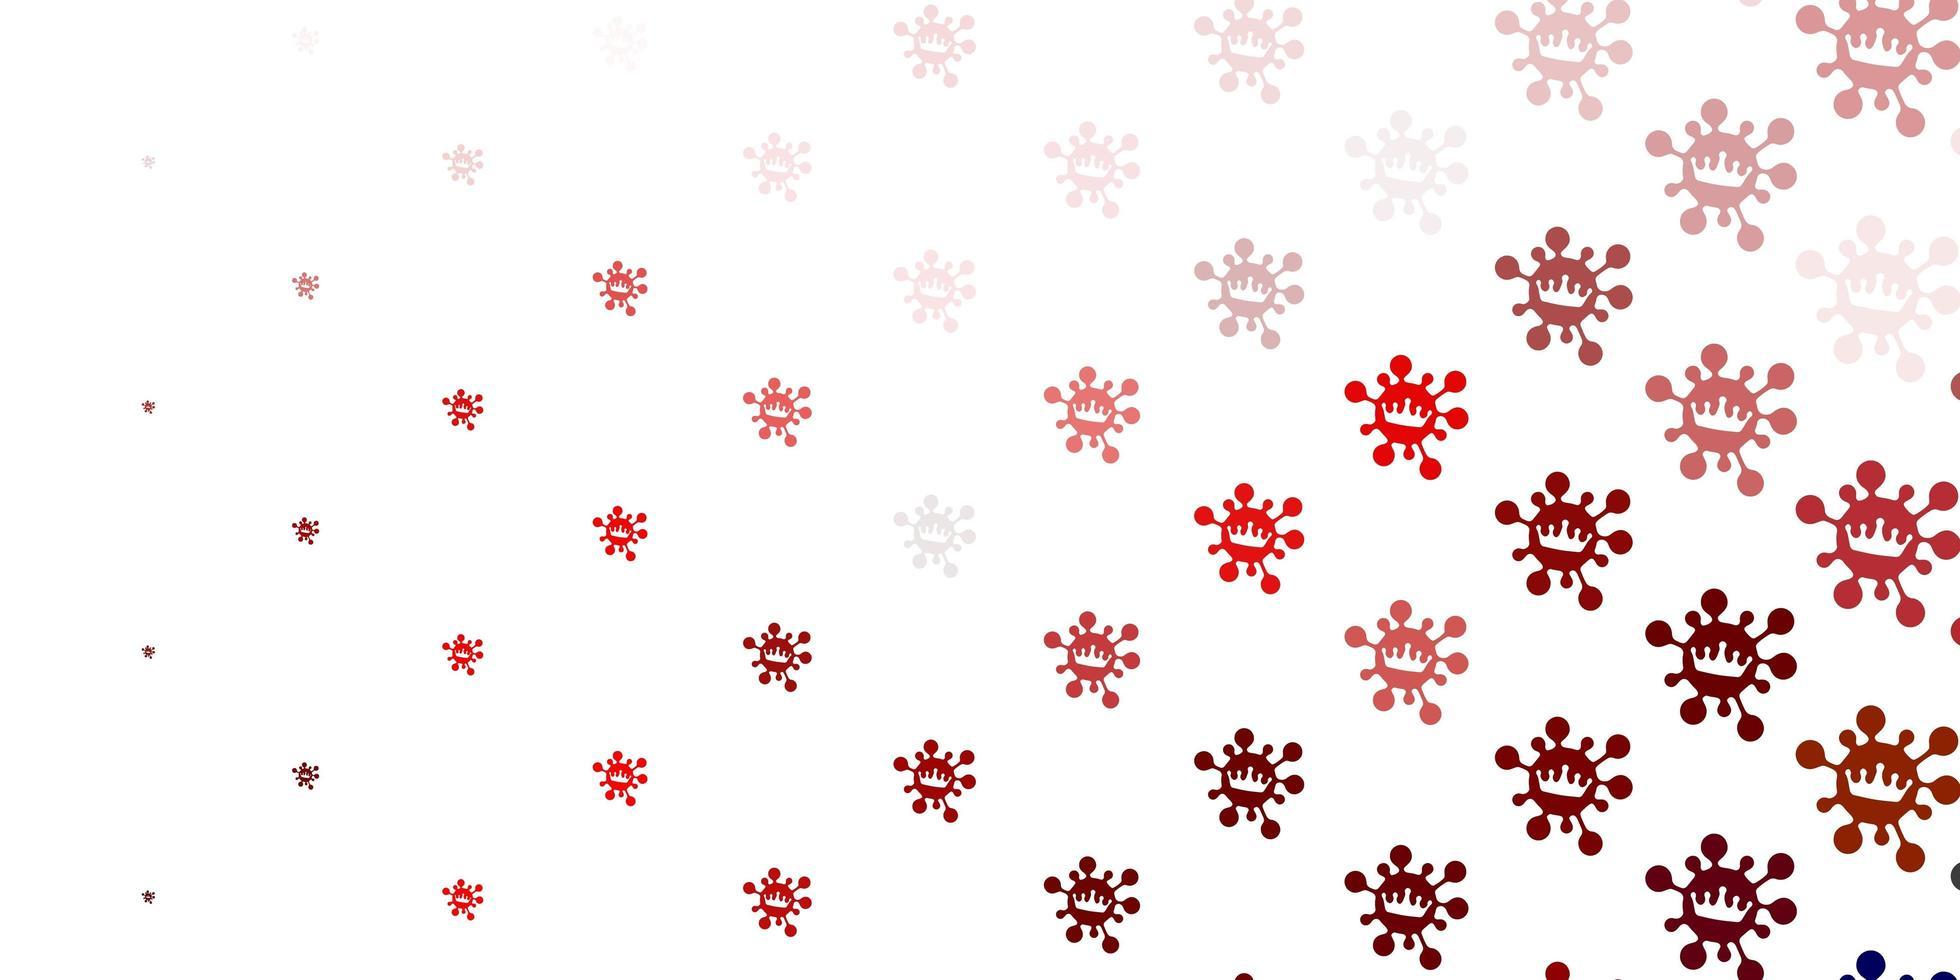 sfondo rosso chiaro con simboli di virus. vettore